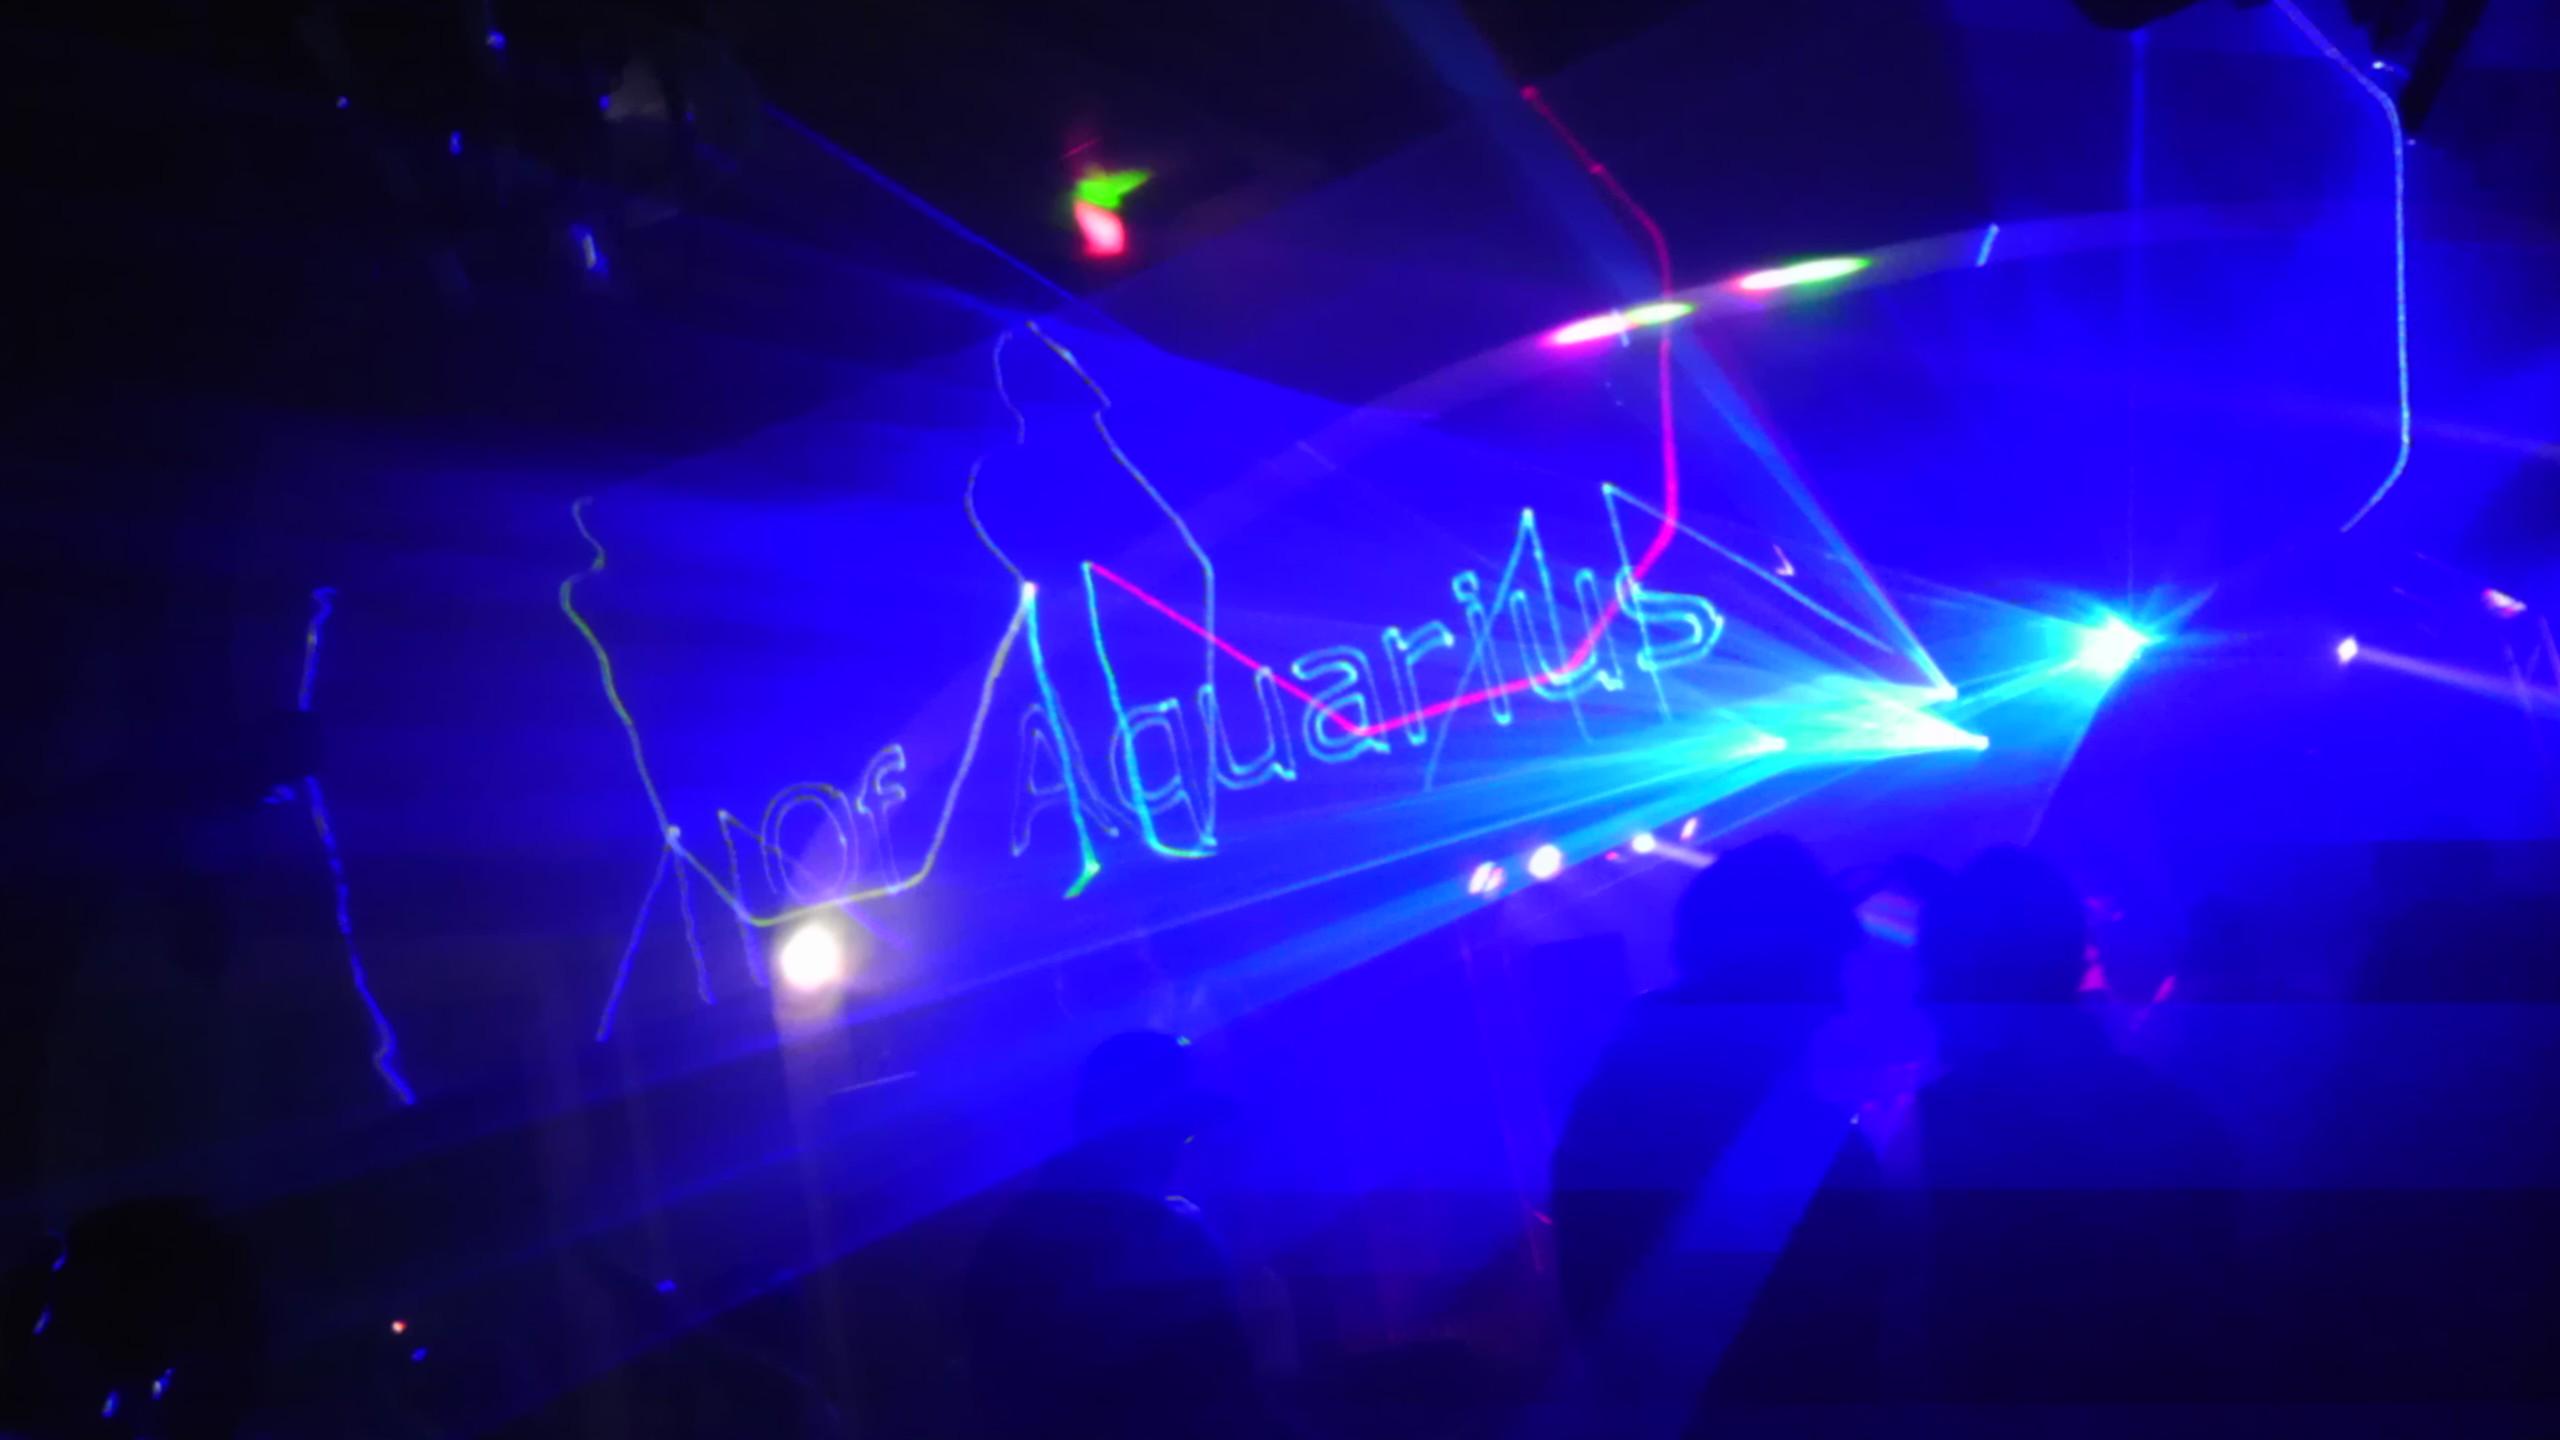 rave light show wallpaper